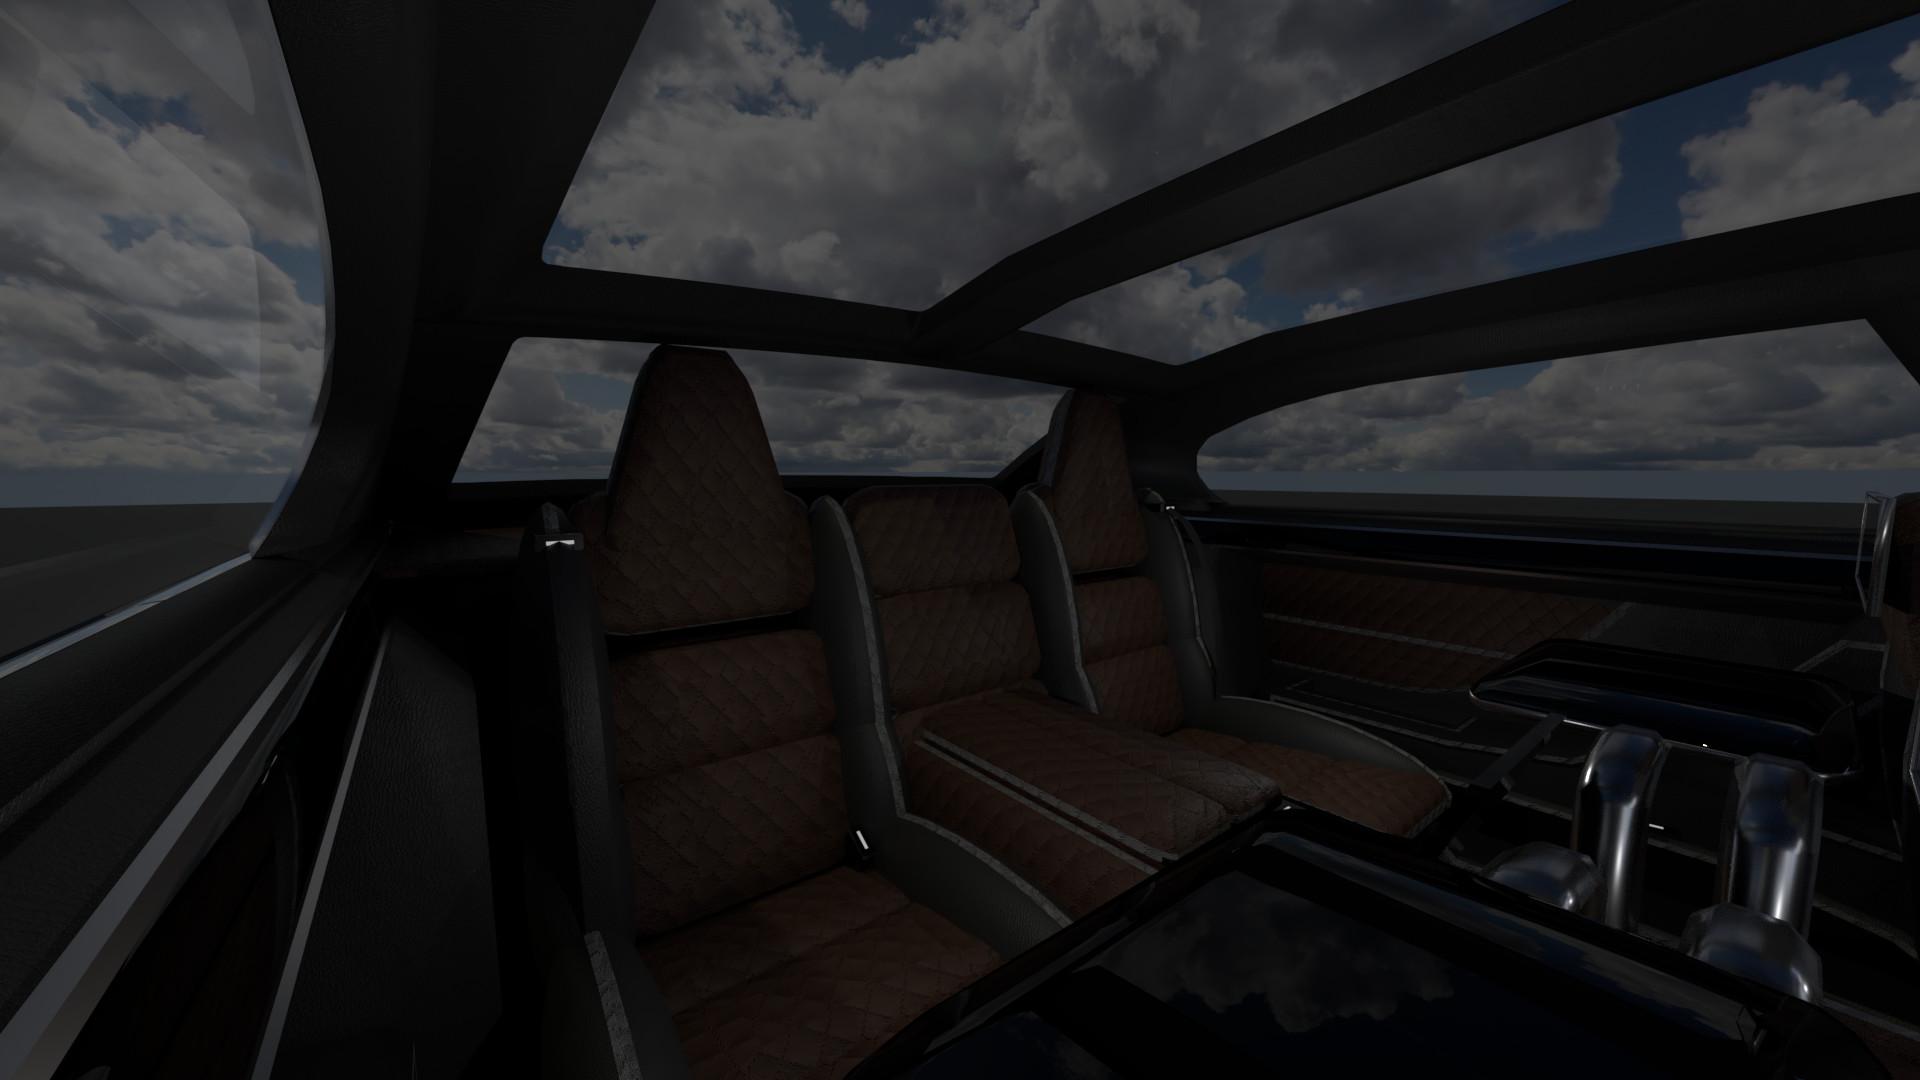 Dennis wormgoor render11